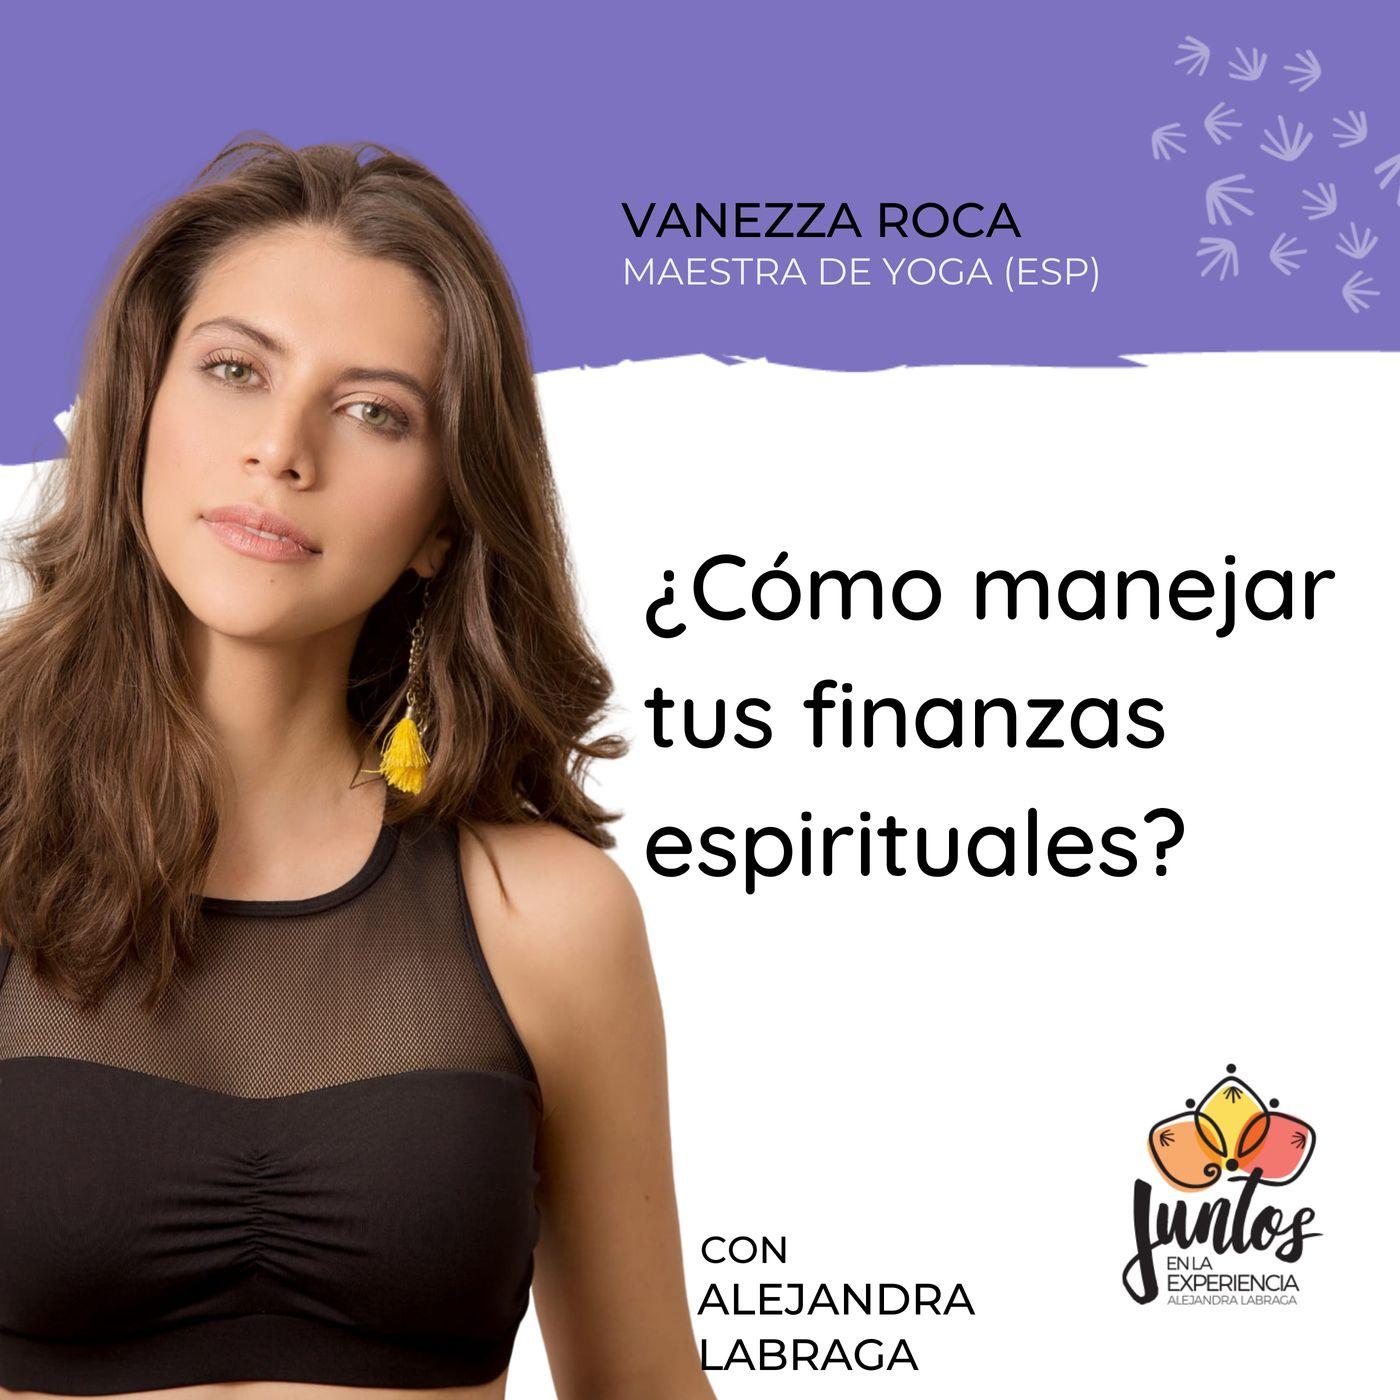 Ep. 083 - Cómo manejar tus finanzas espirituales con Vanezza Roca